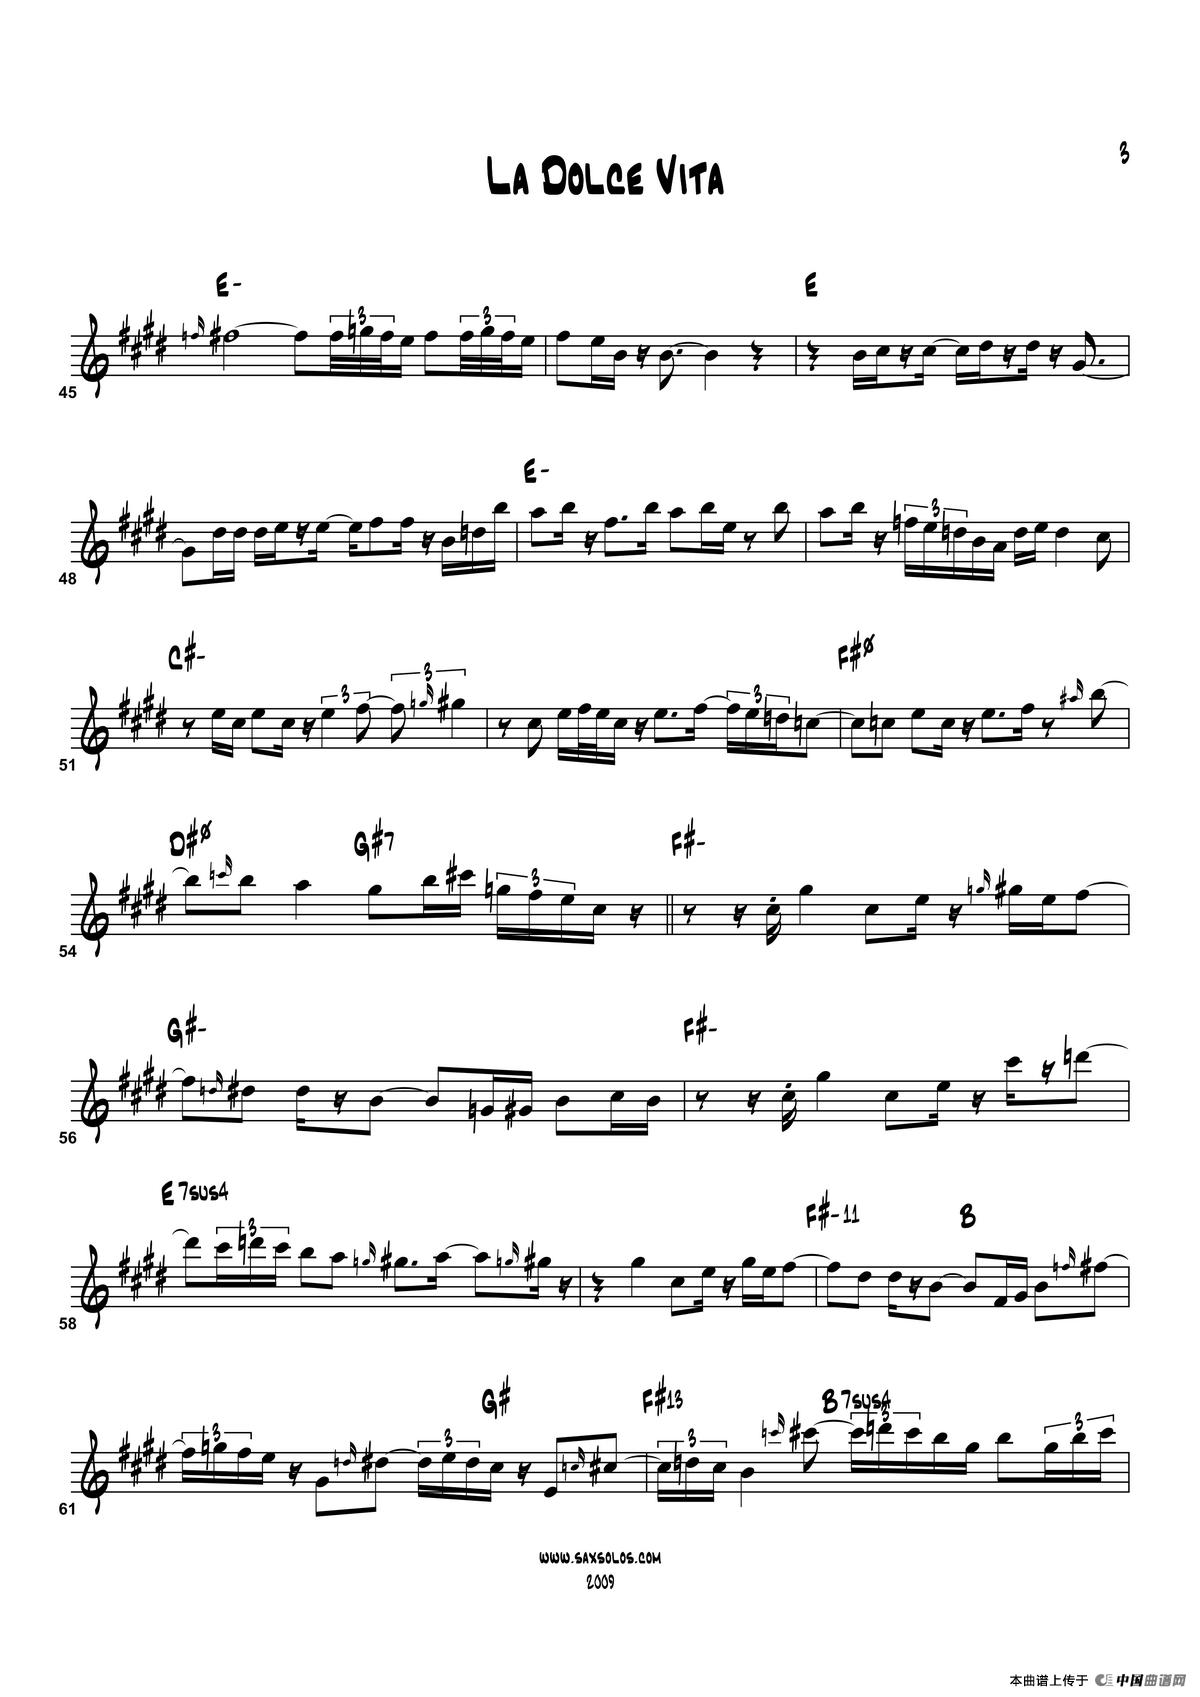 高音萨克斯曲谱